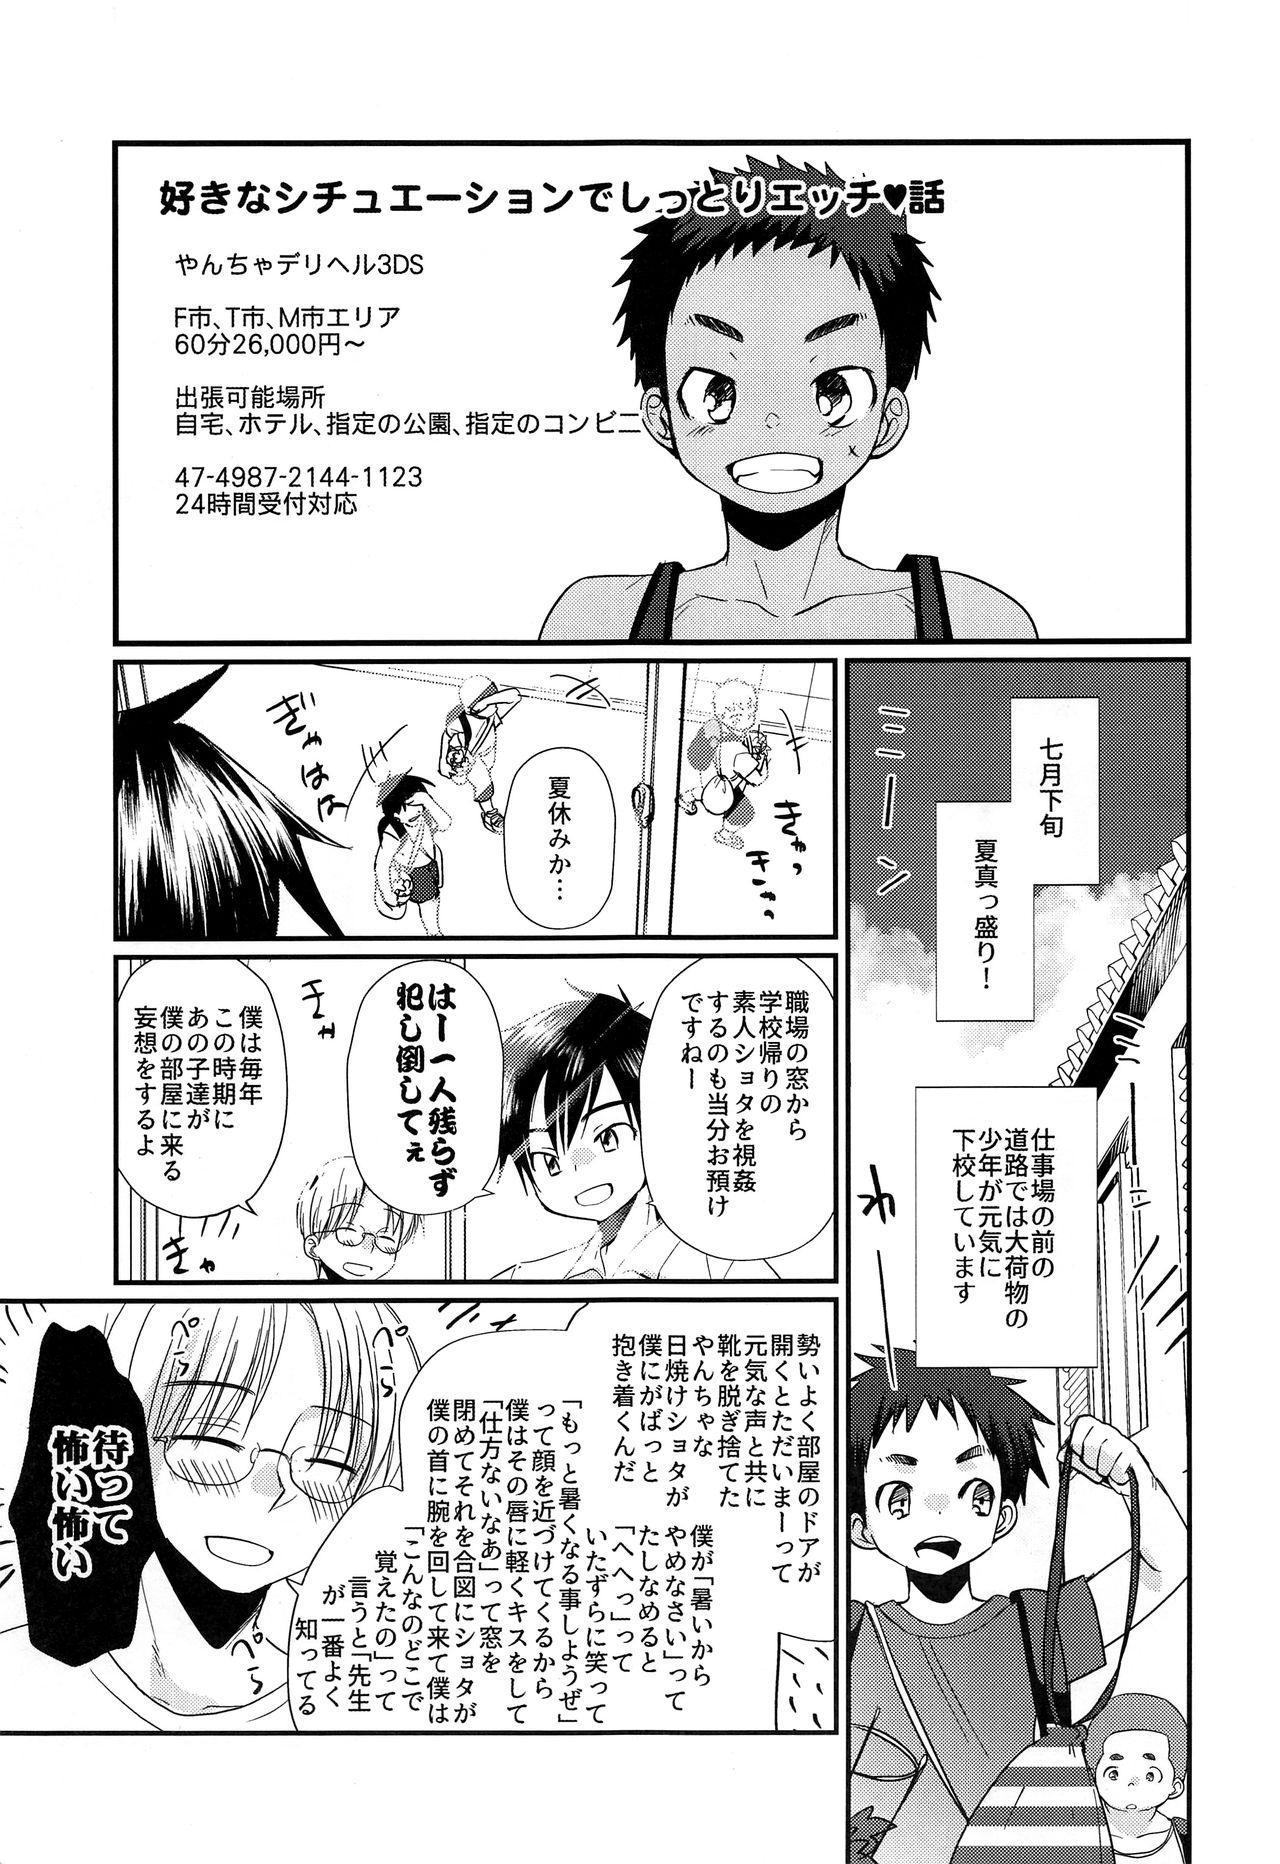 Tokumori! Shota Fuuzoku Saizensen 30